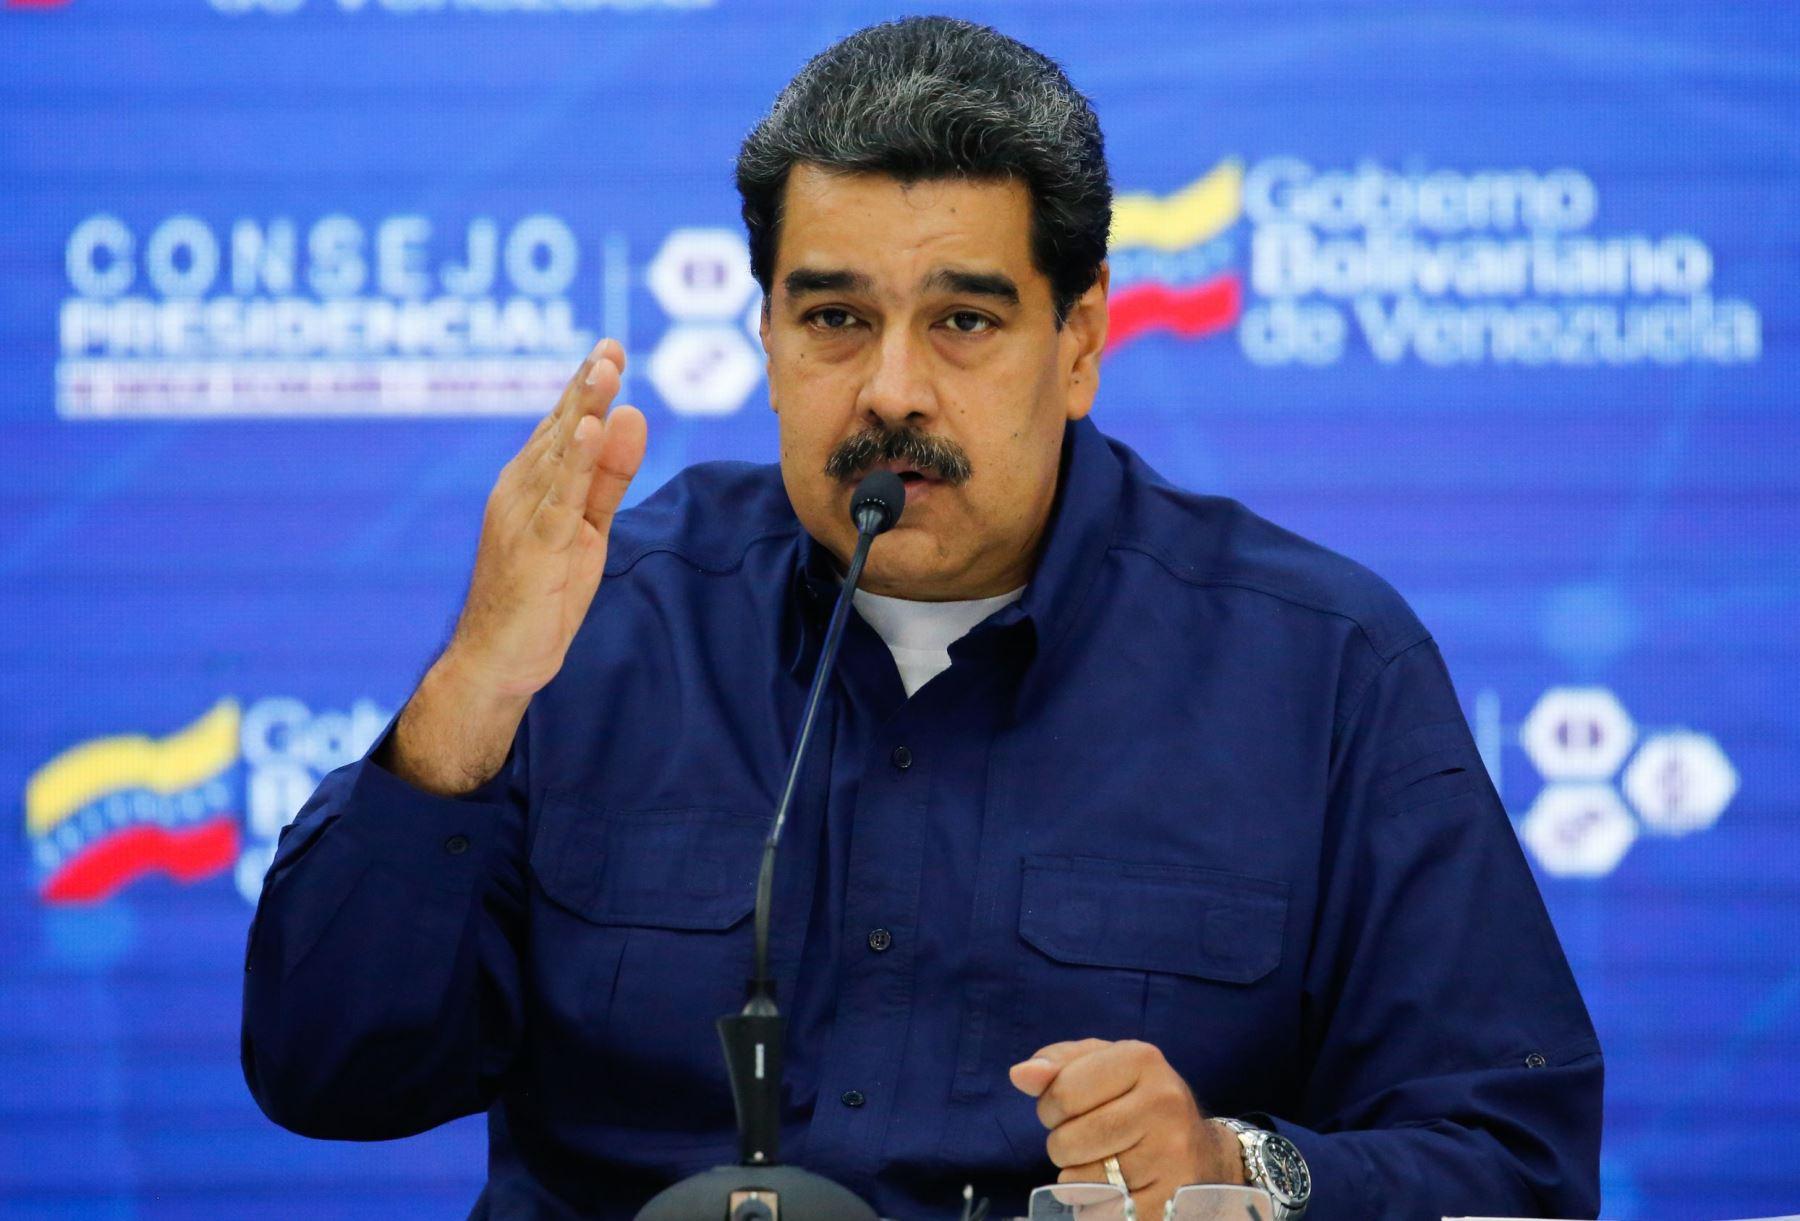 Presidente de Venezuela Nicolás Maduro. Foto: AFP